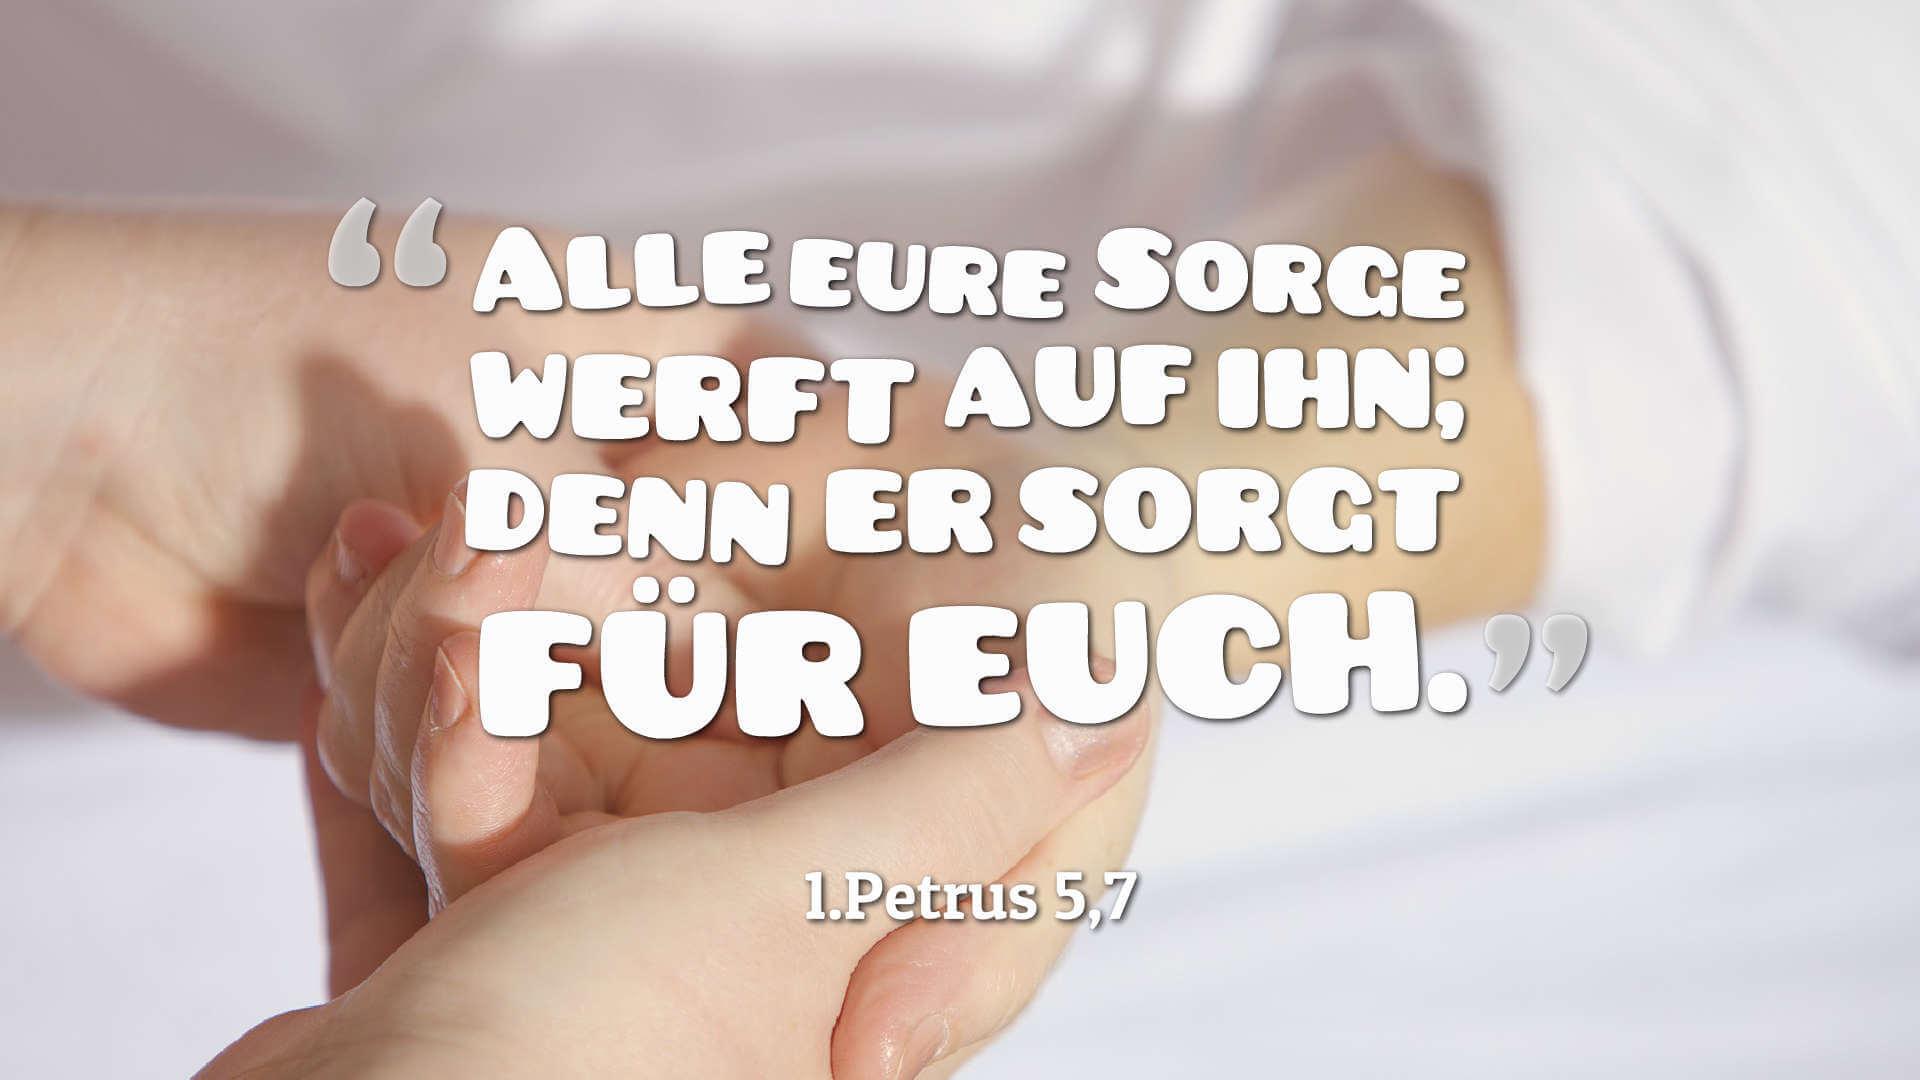 Alle eure Sorge werft auf ihn; denn er sorgt für euch. - 1.Petrus 5,7